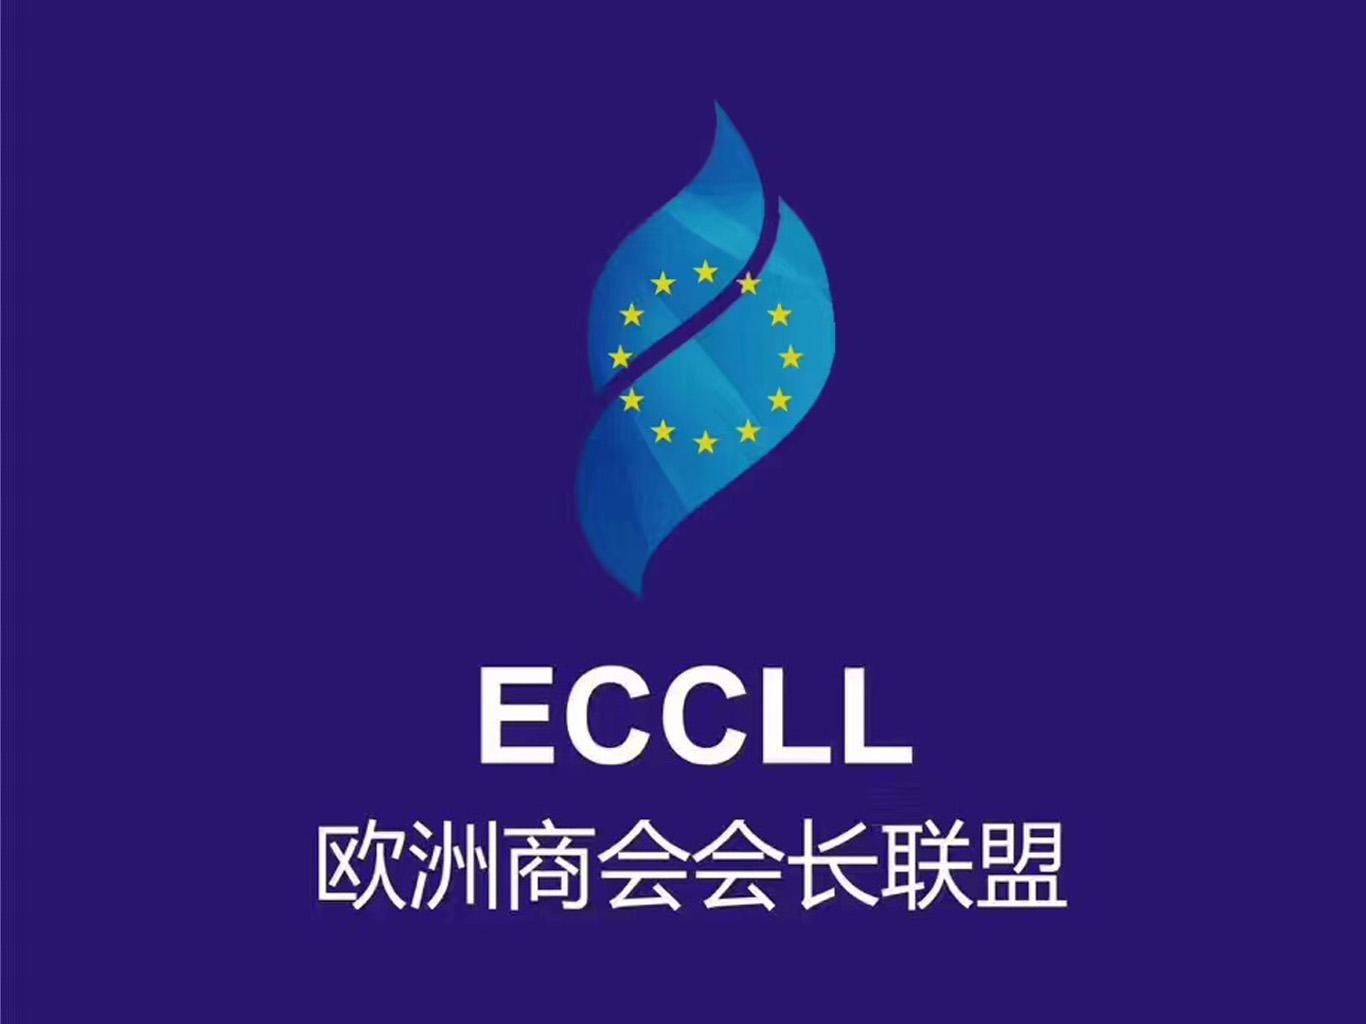 欧洲商会会长联盟—促进中欧联动发展